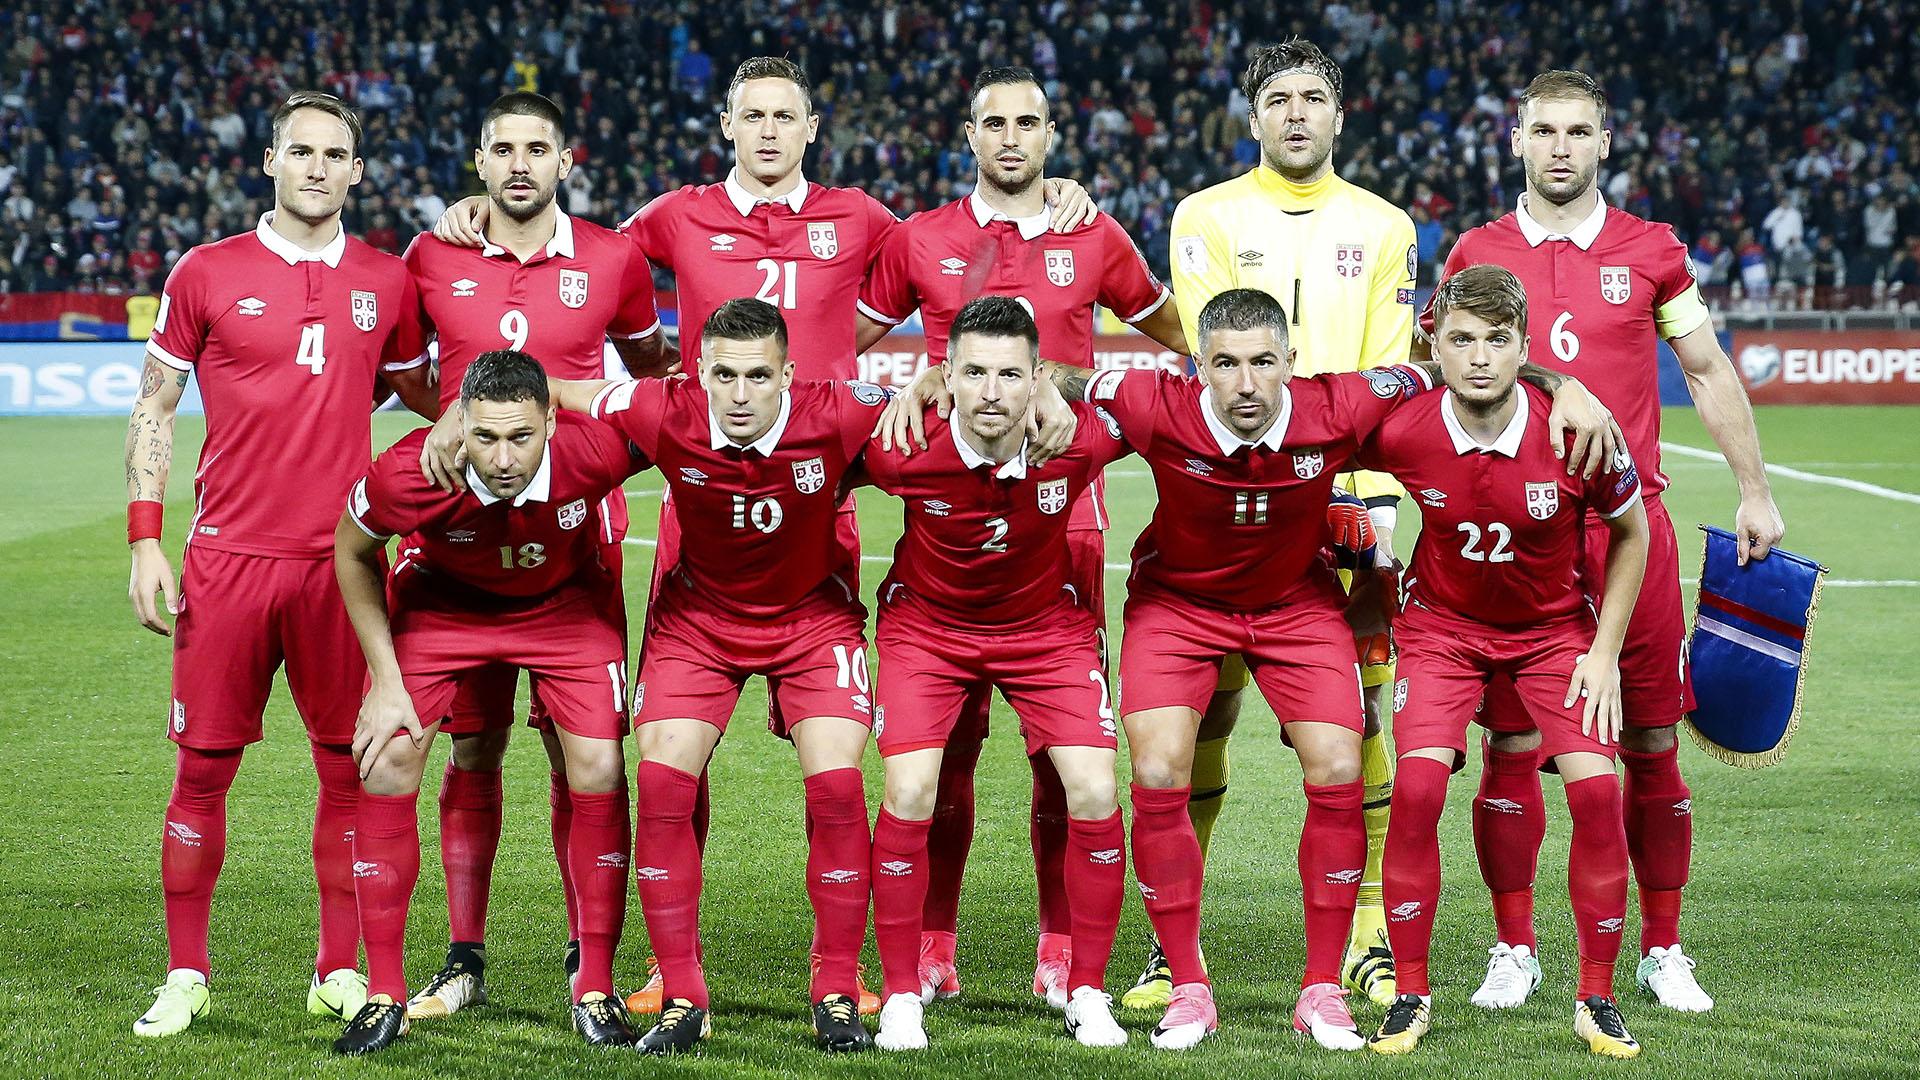 Con un promedio de edad de 27 años, el valor de Serbia es de 237,82 millones de dólares